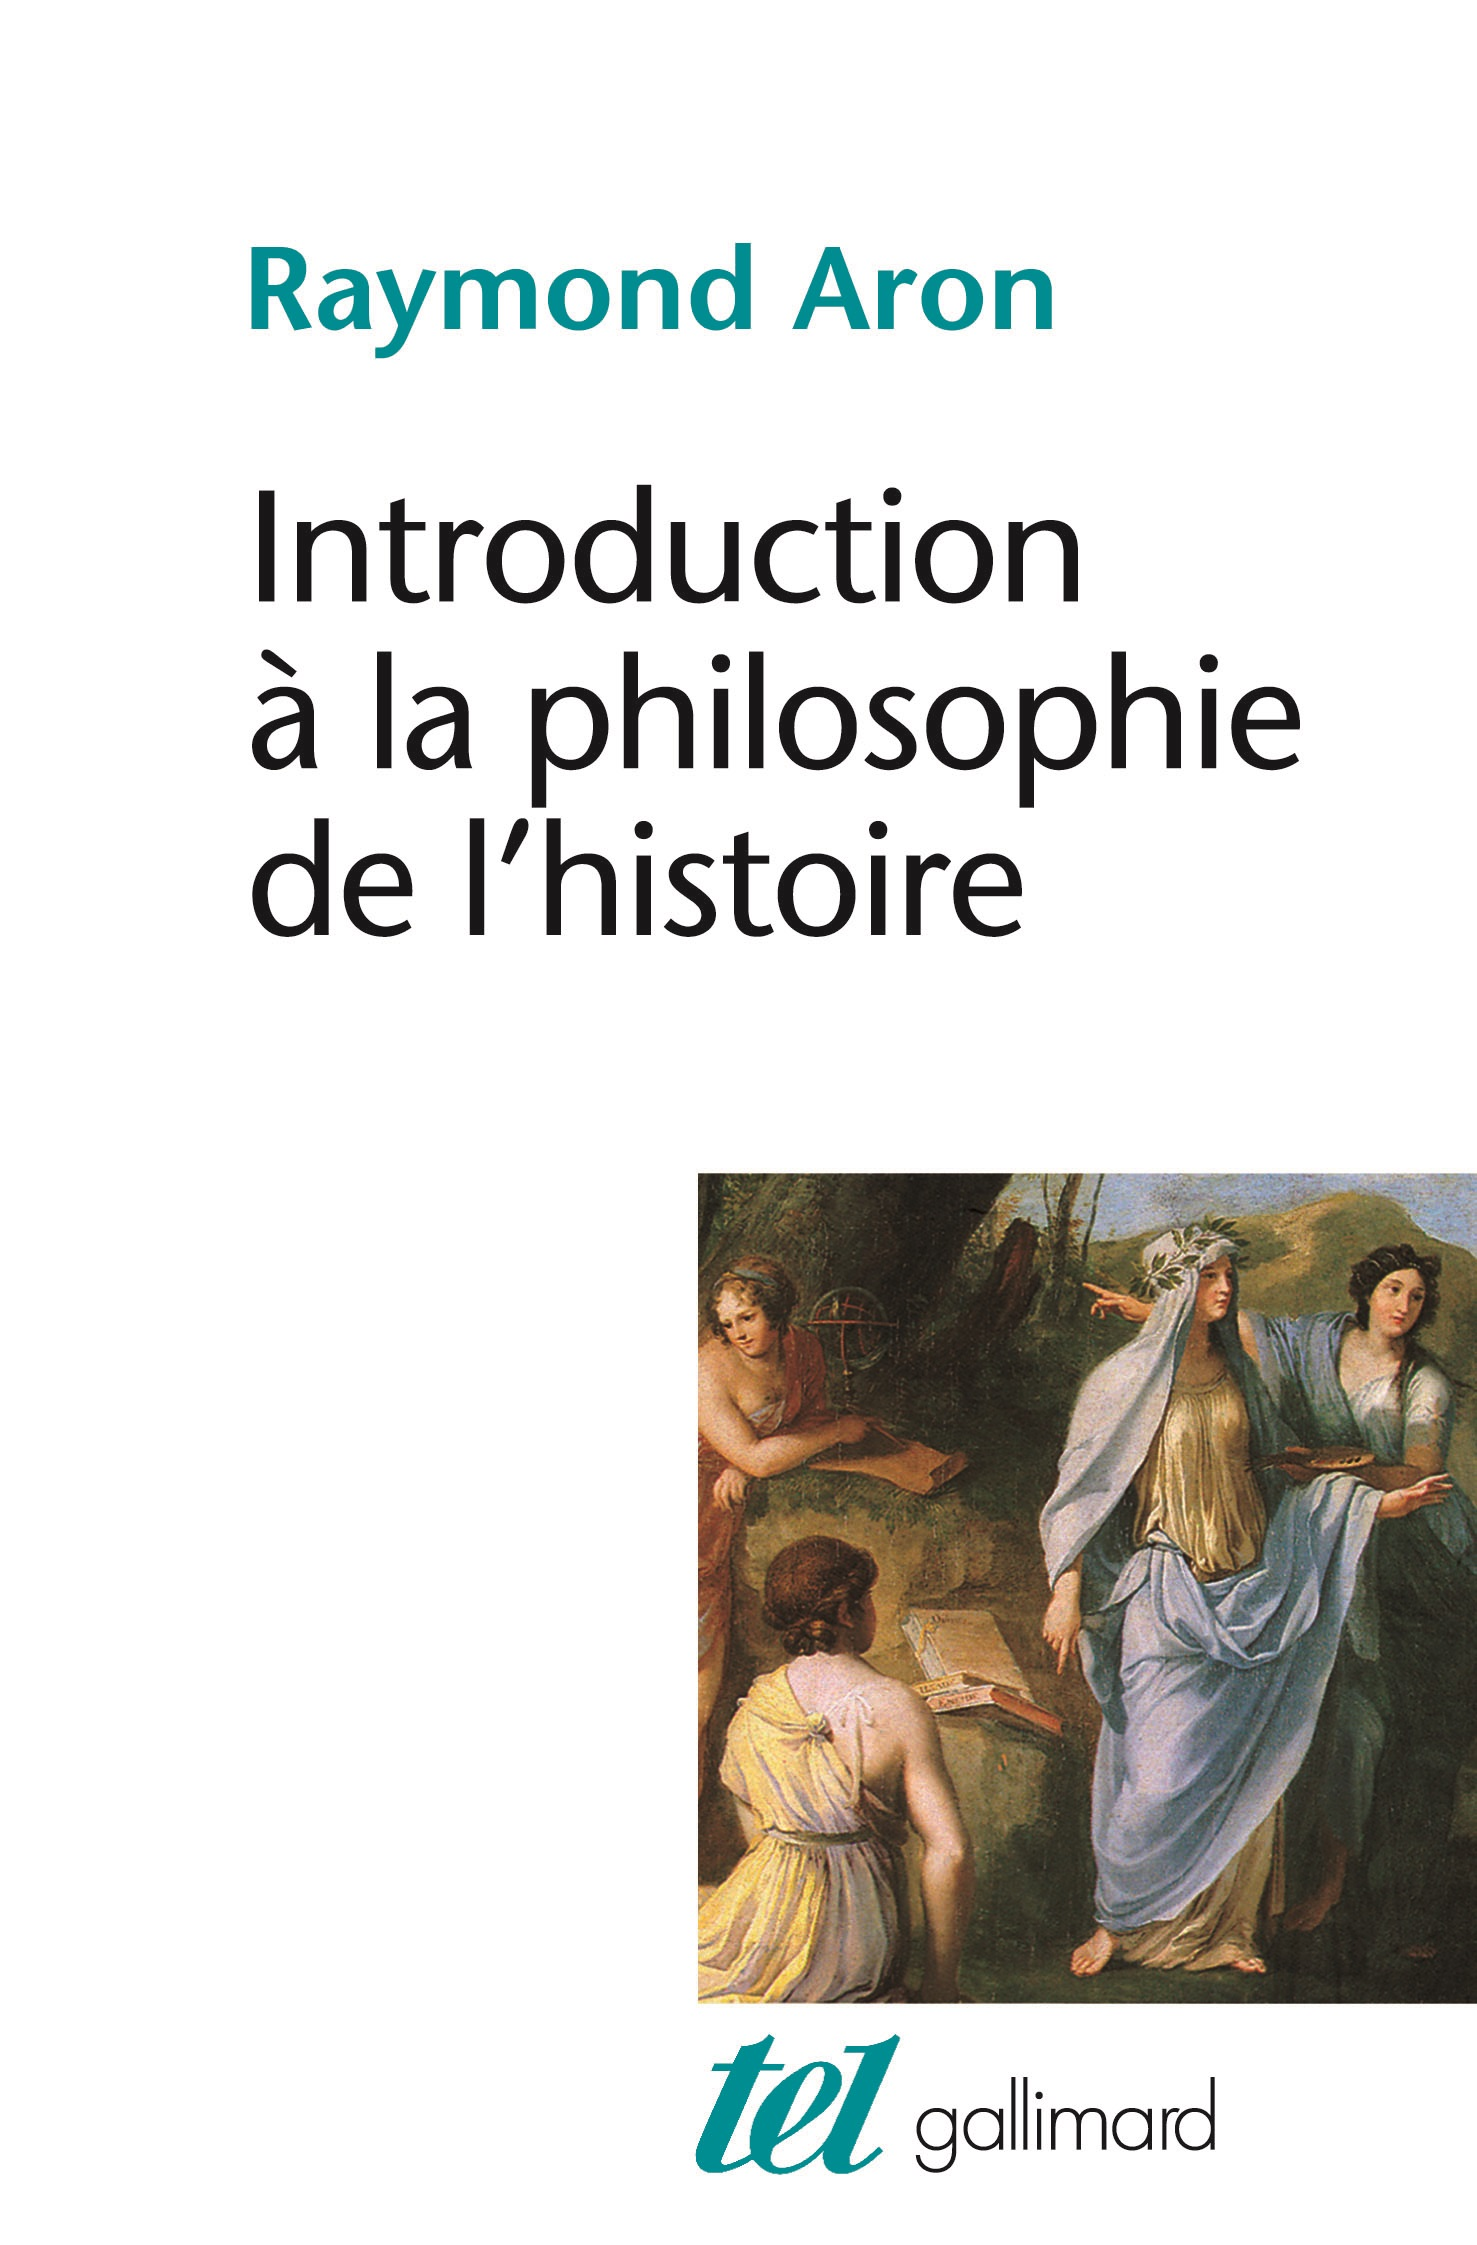 Introduction à la philosophie de l'histoire. Essai sur les limites de l'objectivité historique